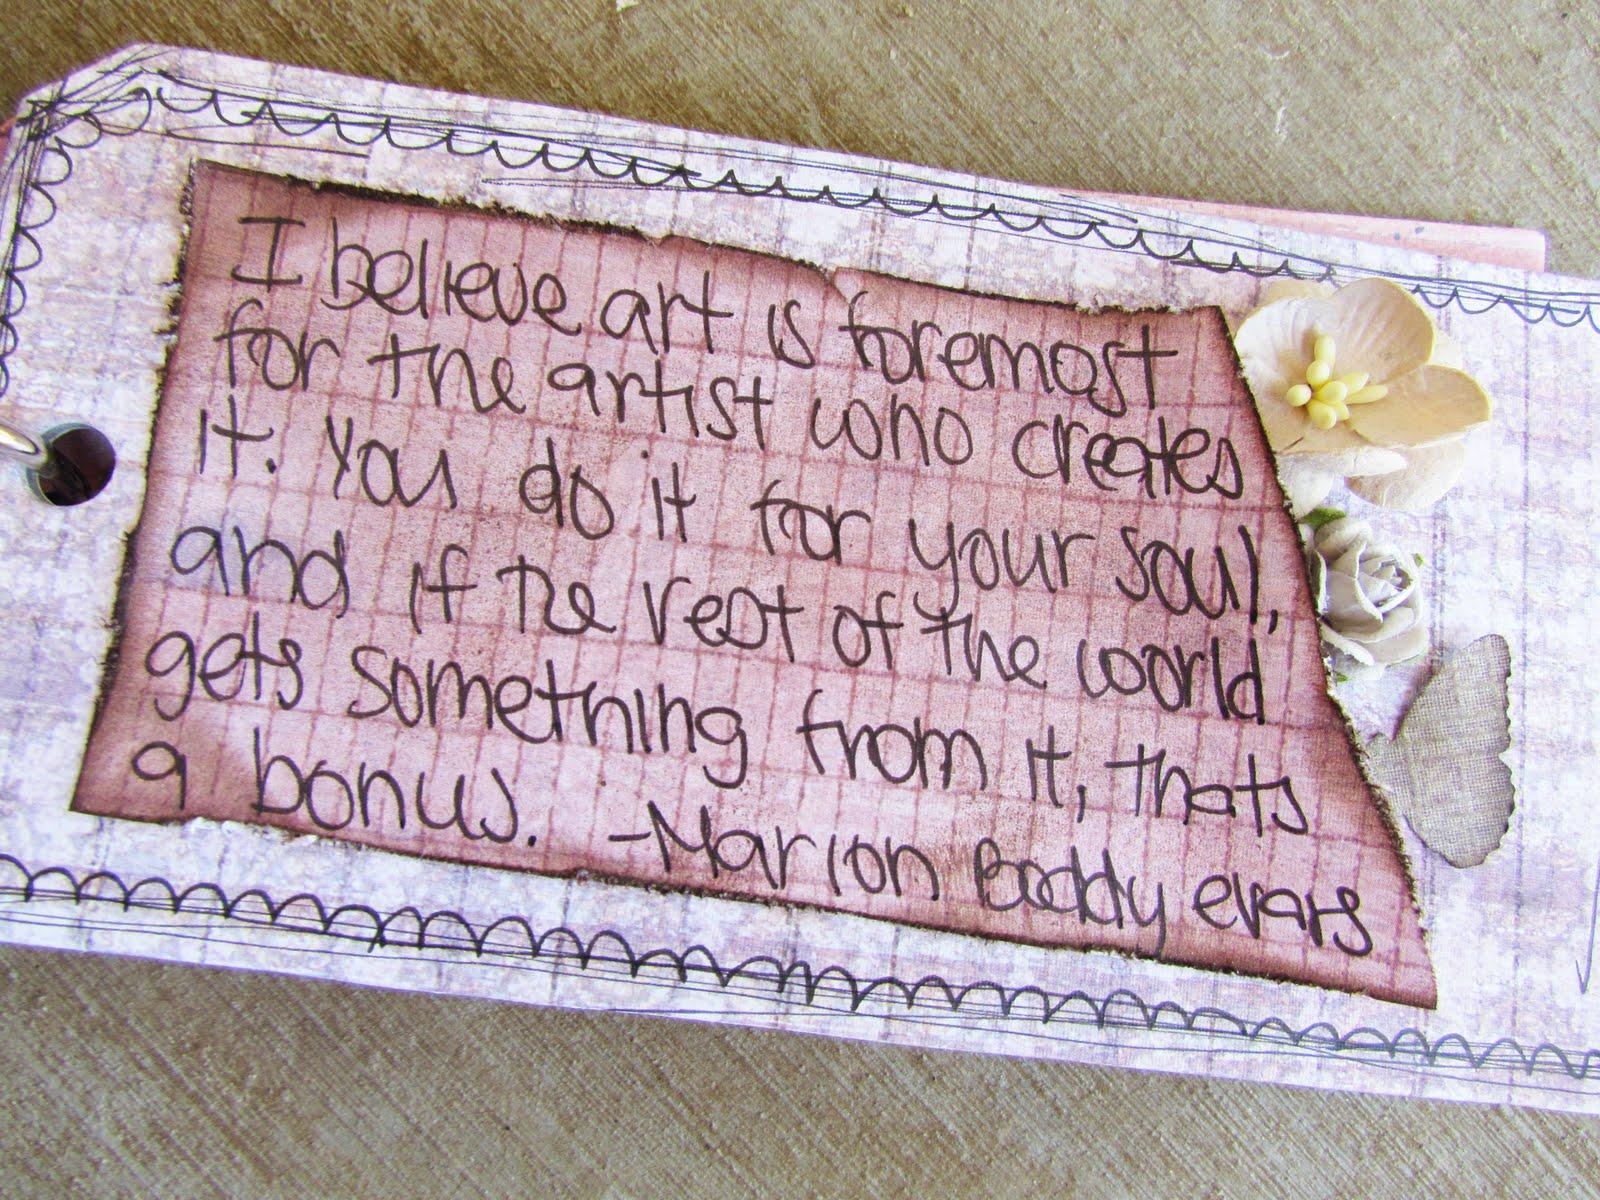 Artistic quote #4